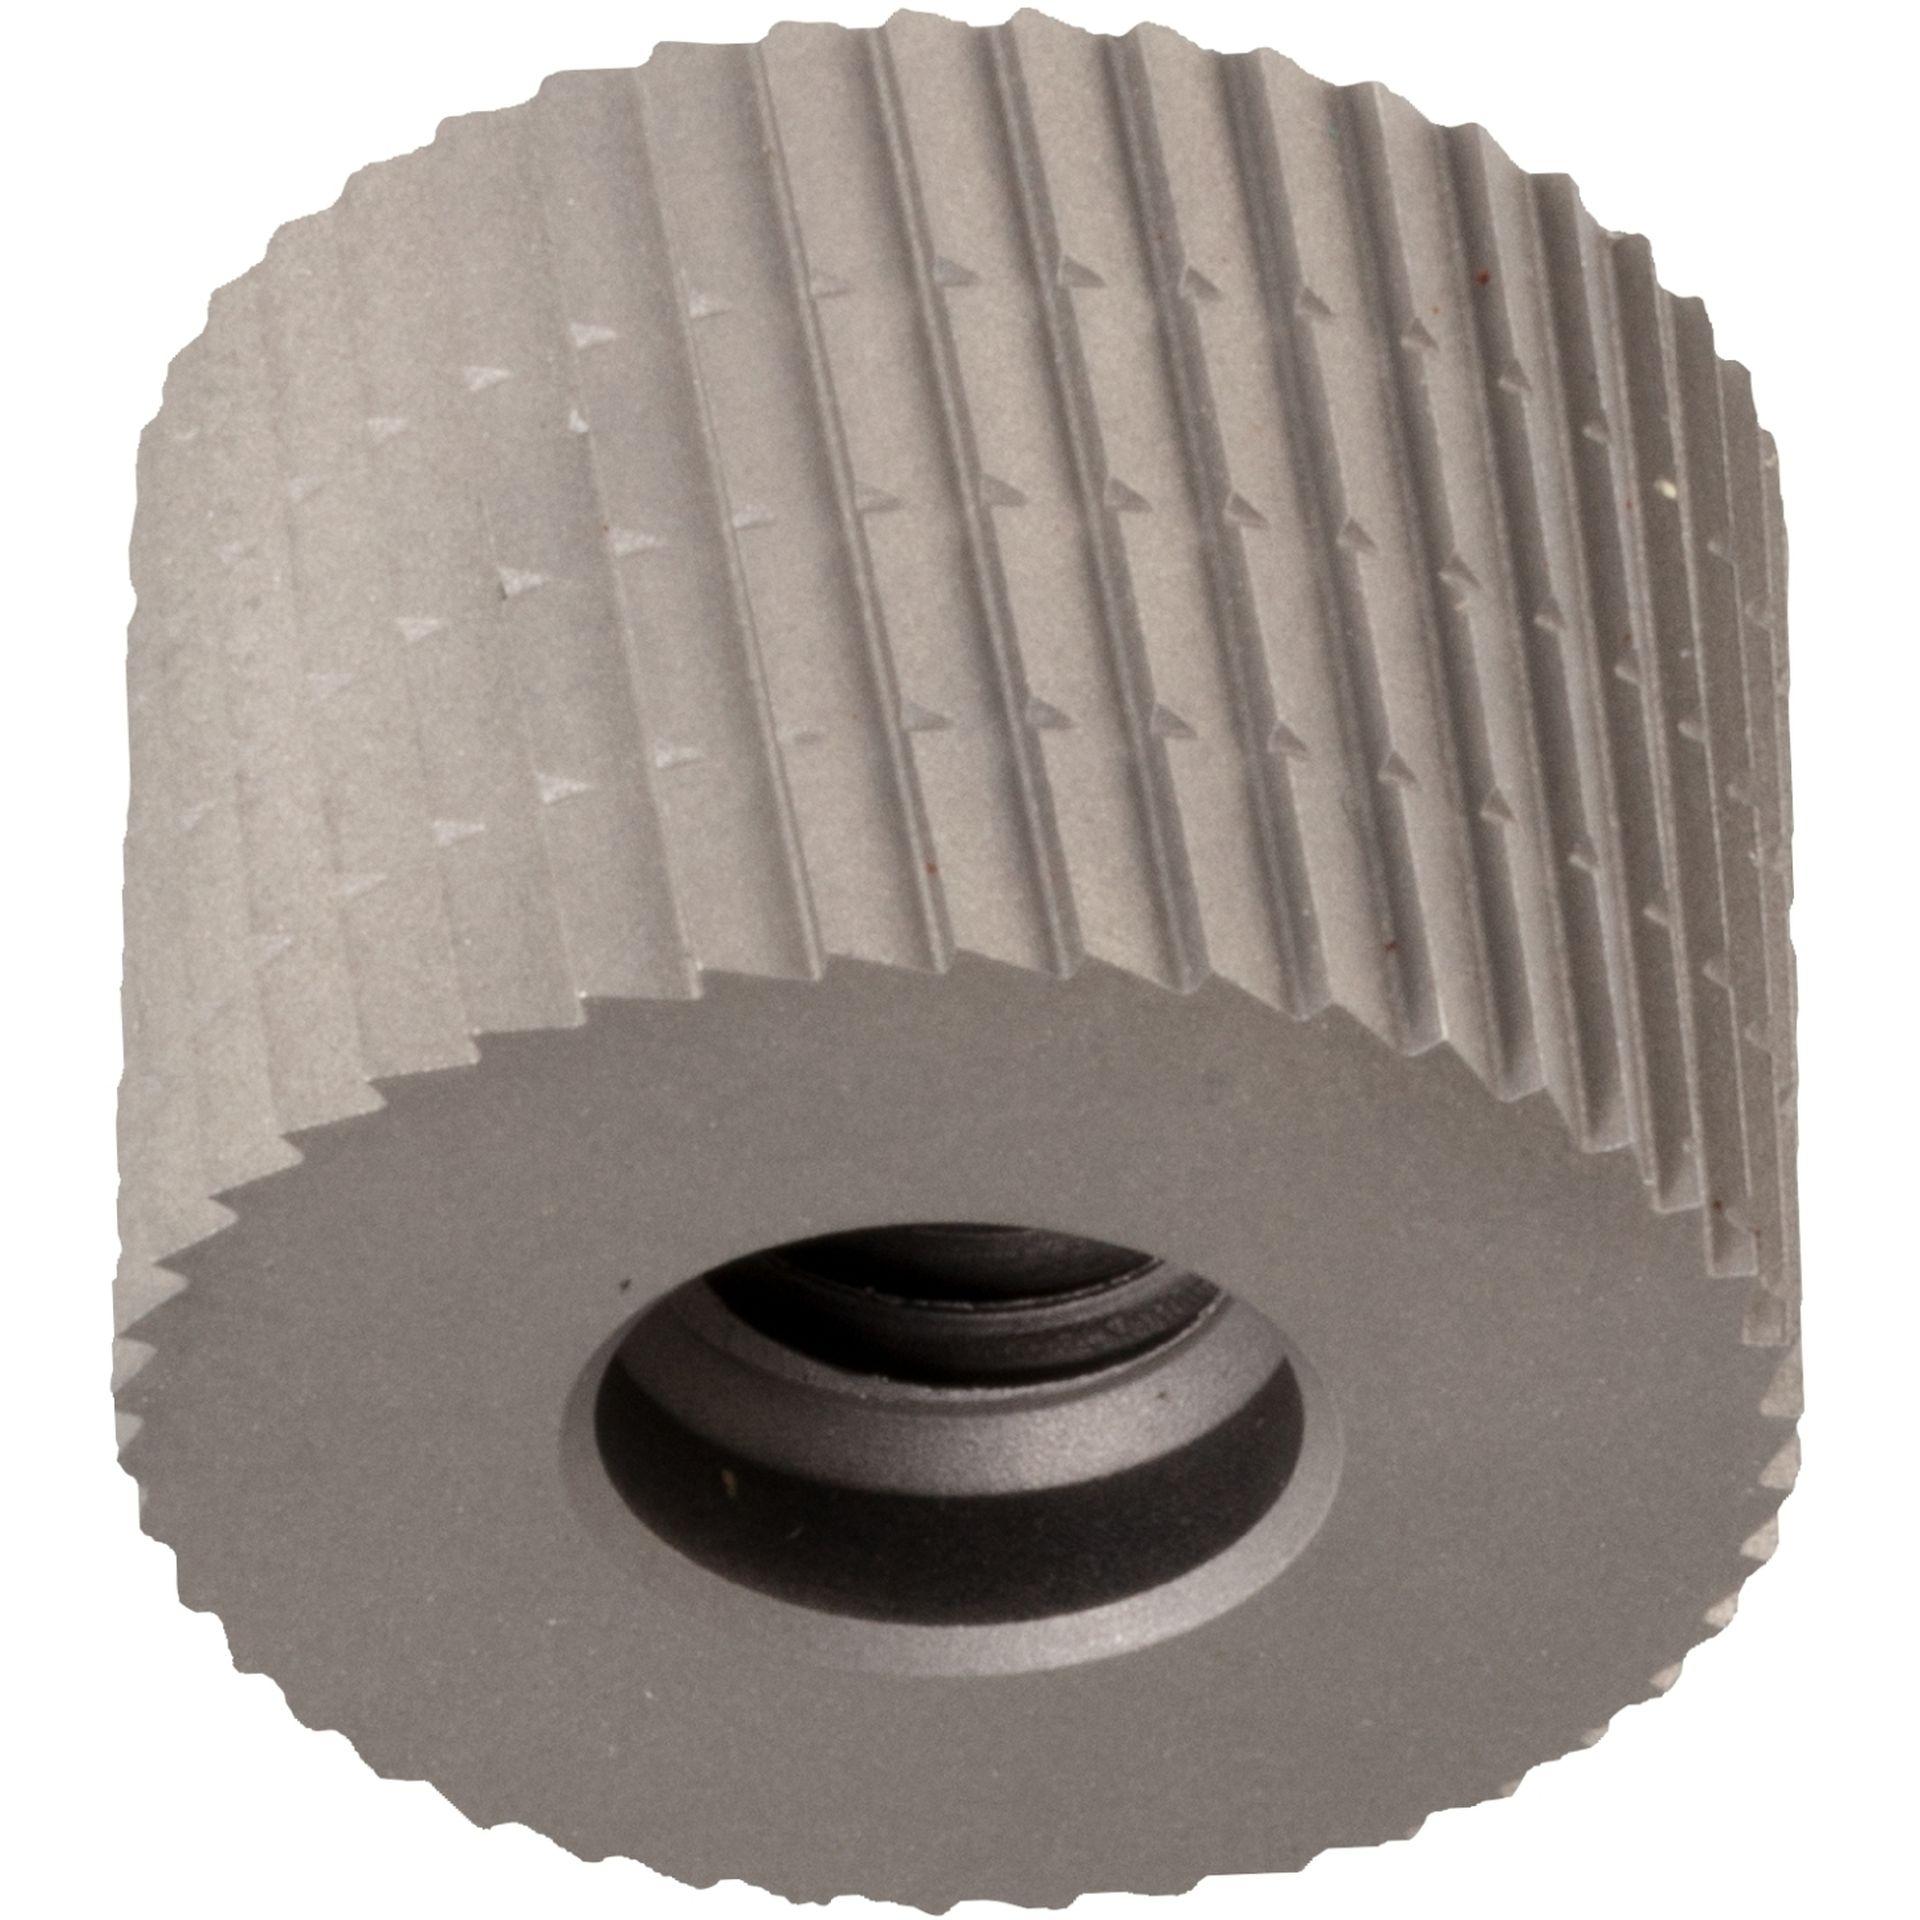 2x LUKAS HSS-Fräser MFA Zylinder Guss/Holz 30x30 mm Schaft 10 mm | Verz. 2